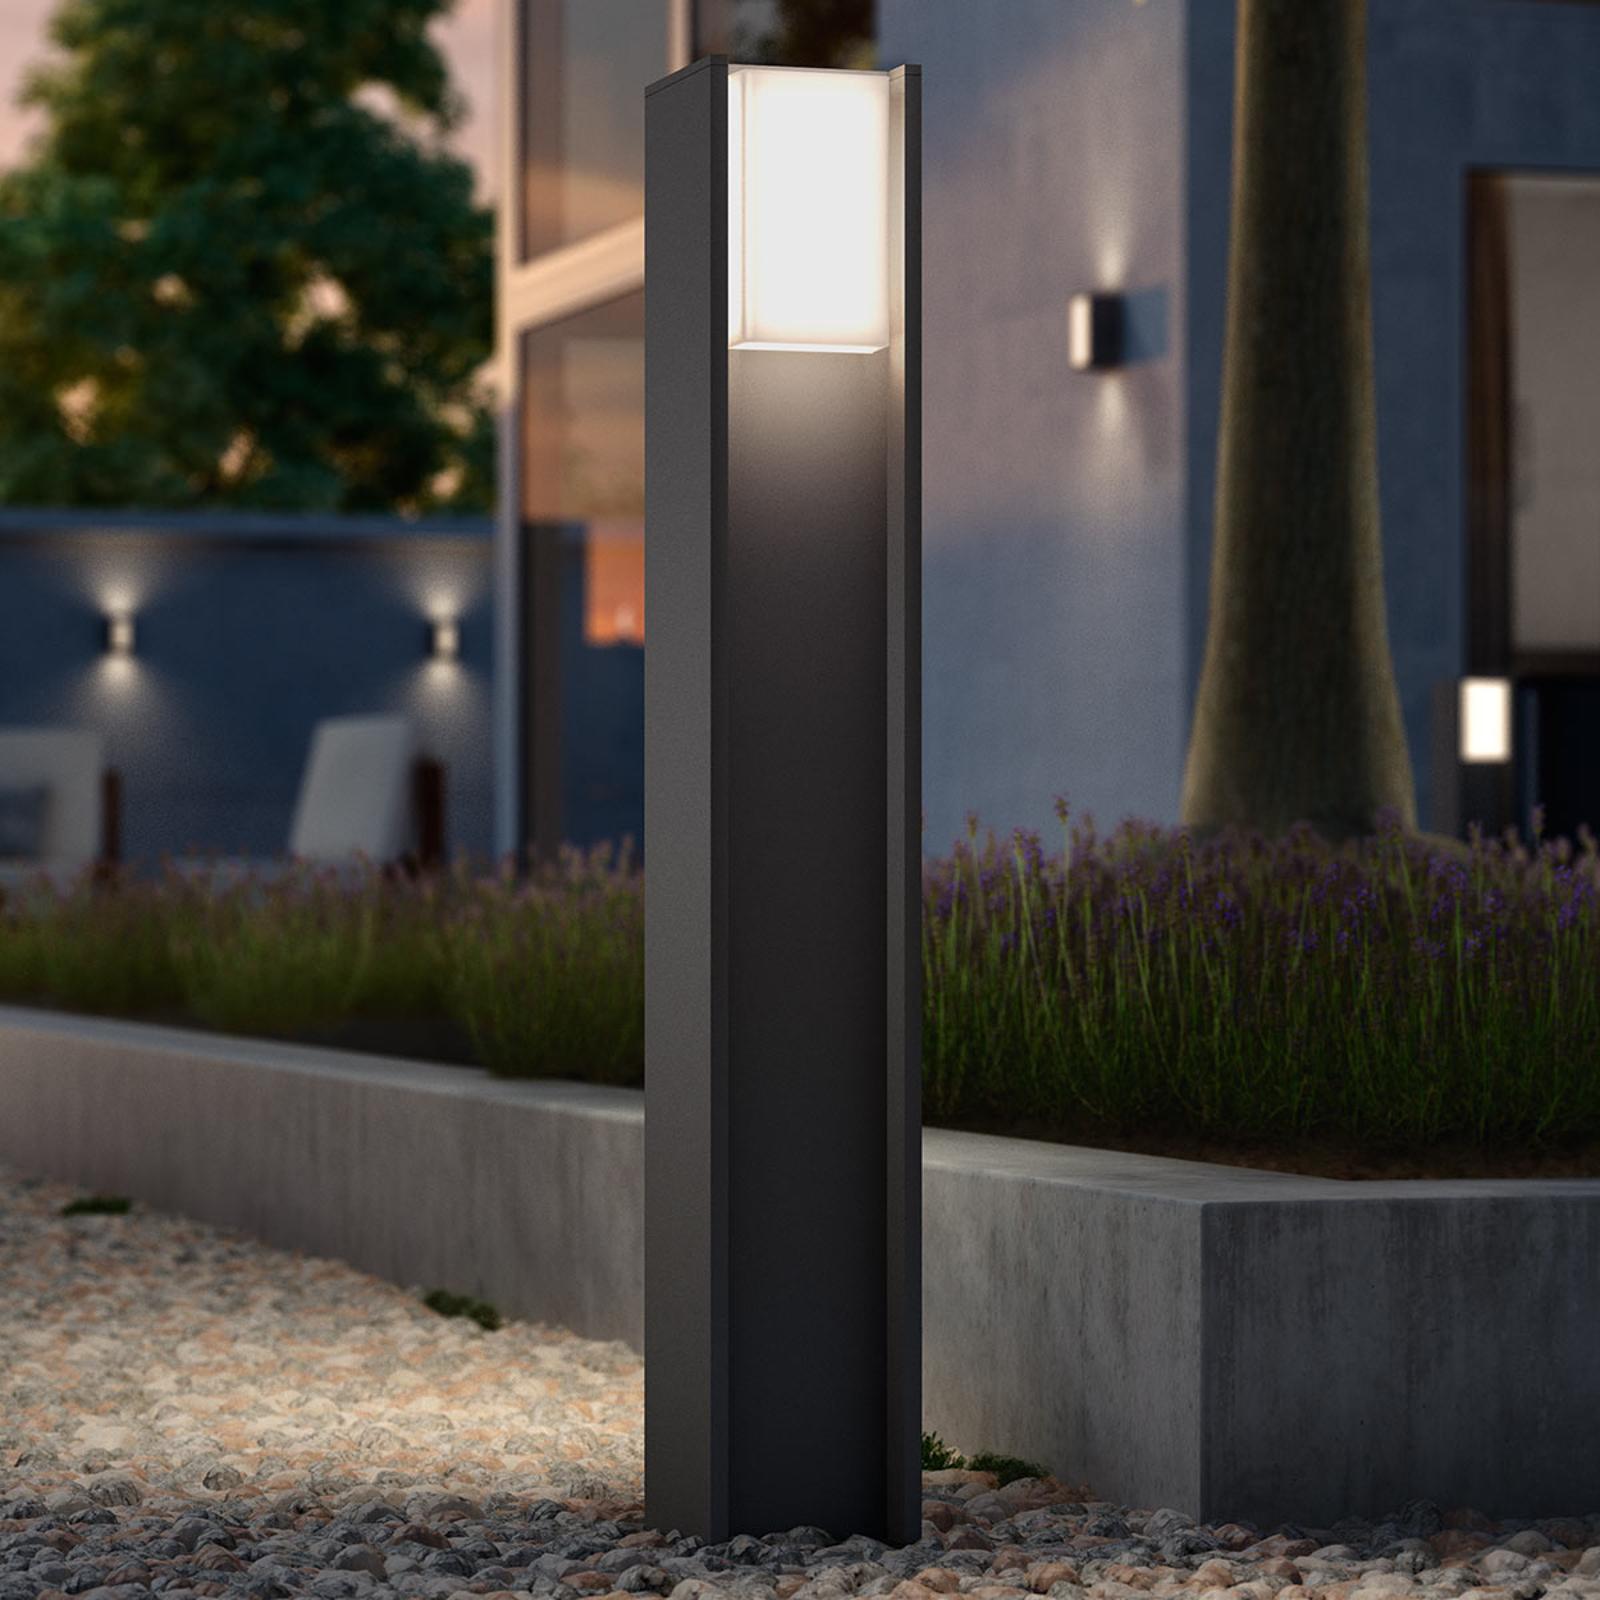 Philips Hue słupek ogrodowy LED Turaco, aplikacja